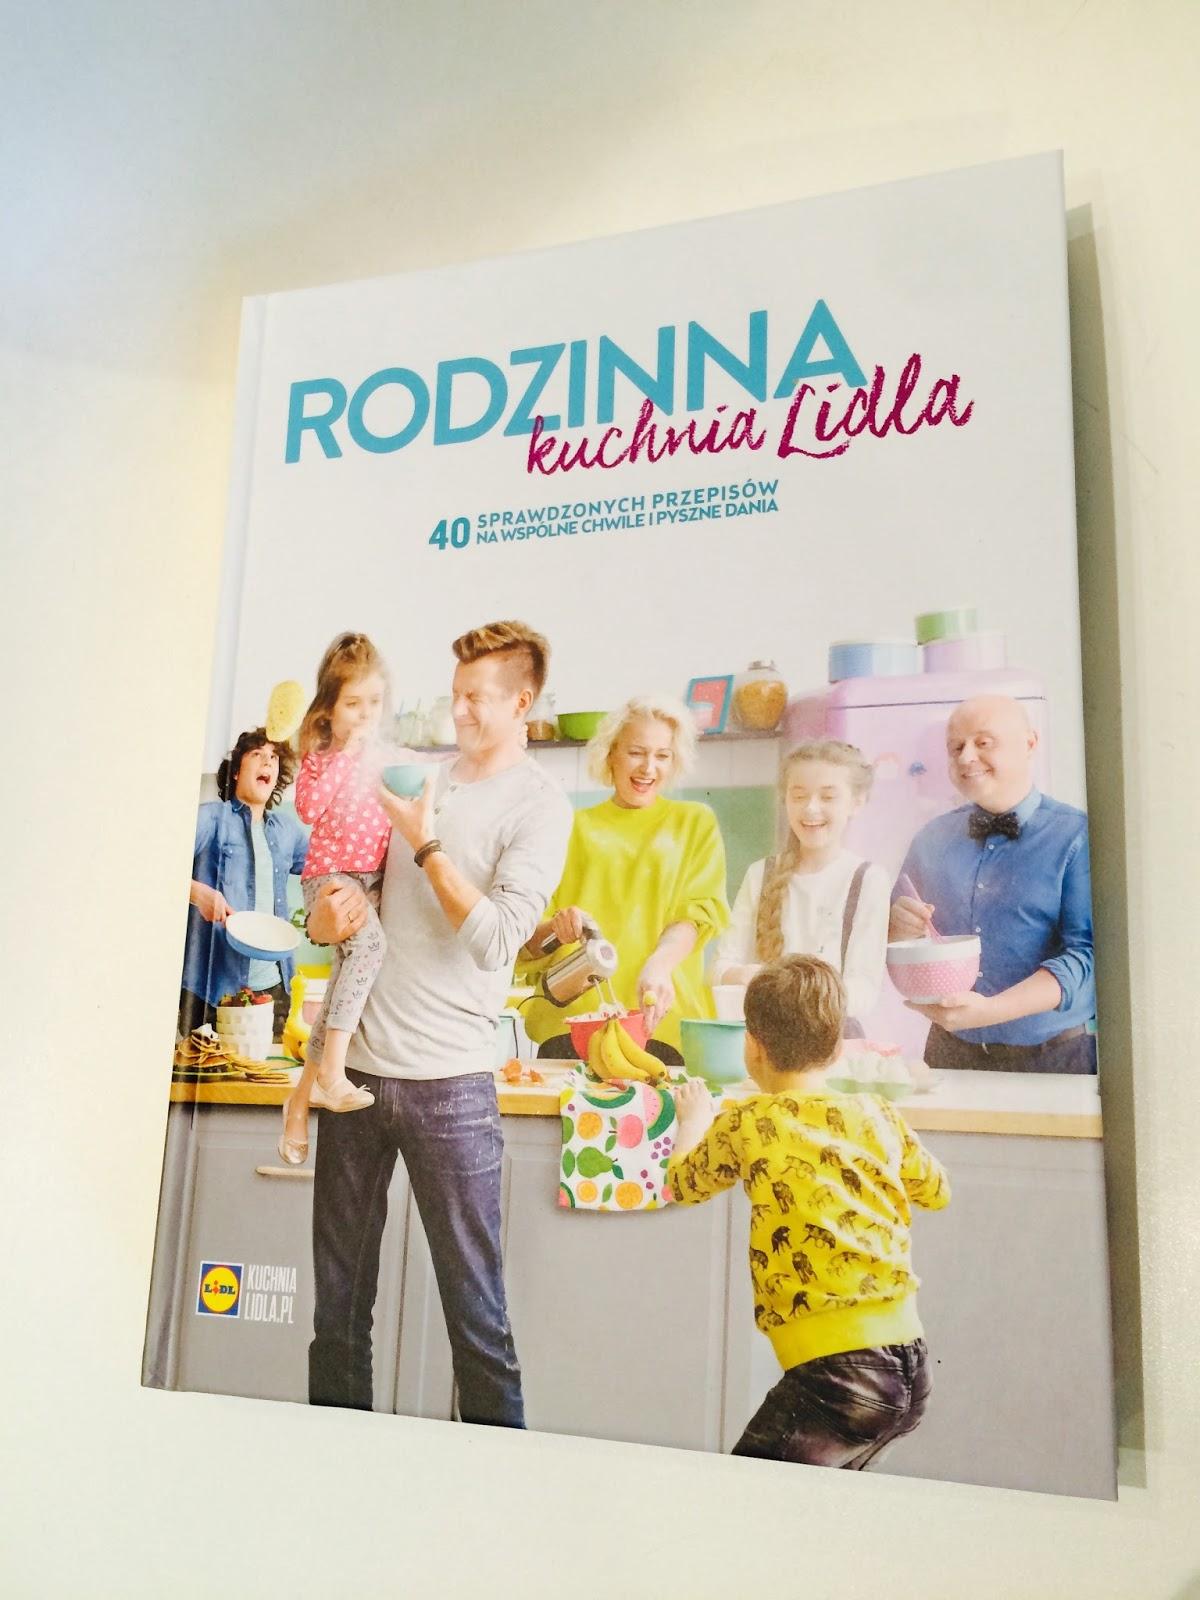 Dyskontowe Gotowanie Czyli Rodzinna Kuchnia Lidla On Egin Eta Topa